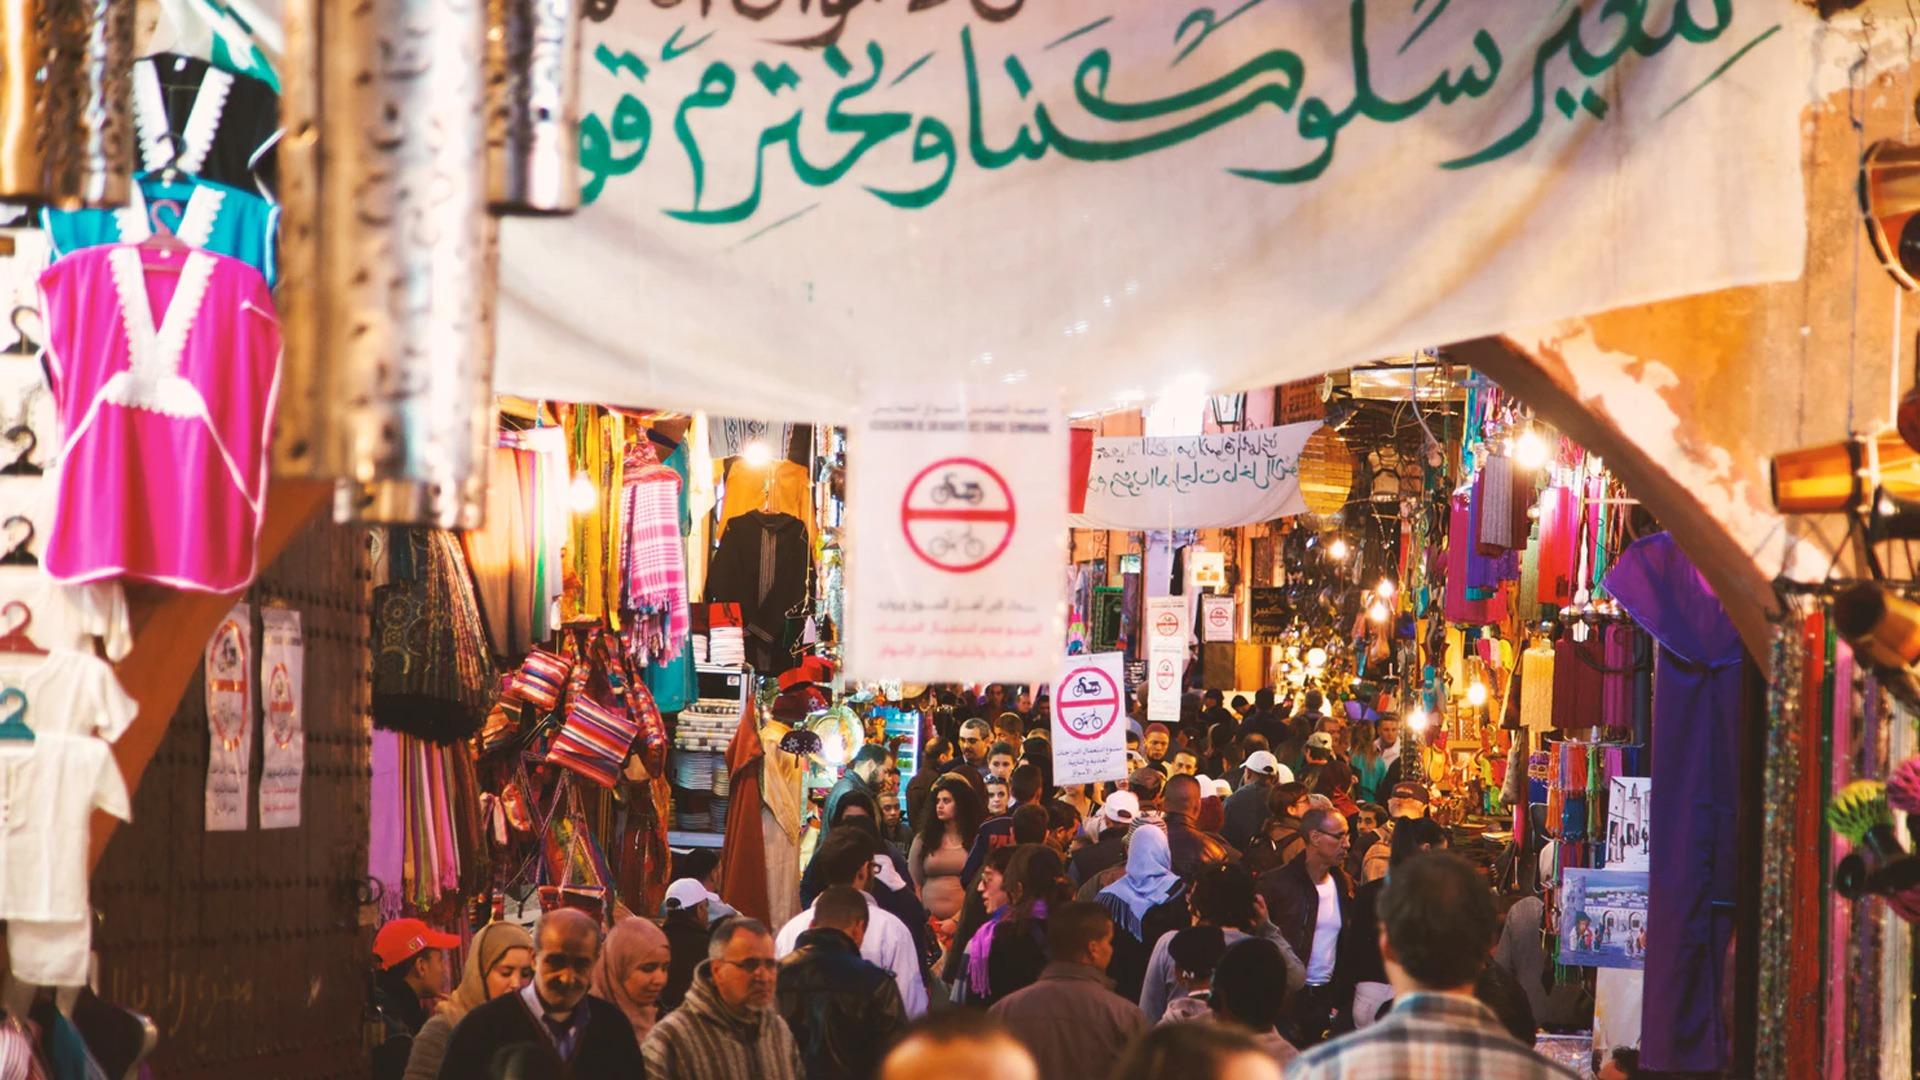 Μαρόκο - Όλα όσα πρέπει να ξέρεις 1